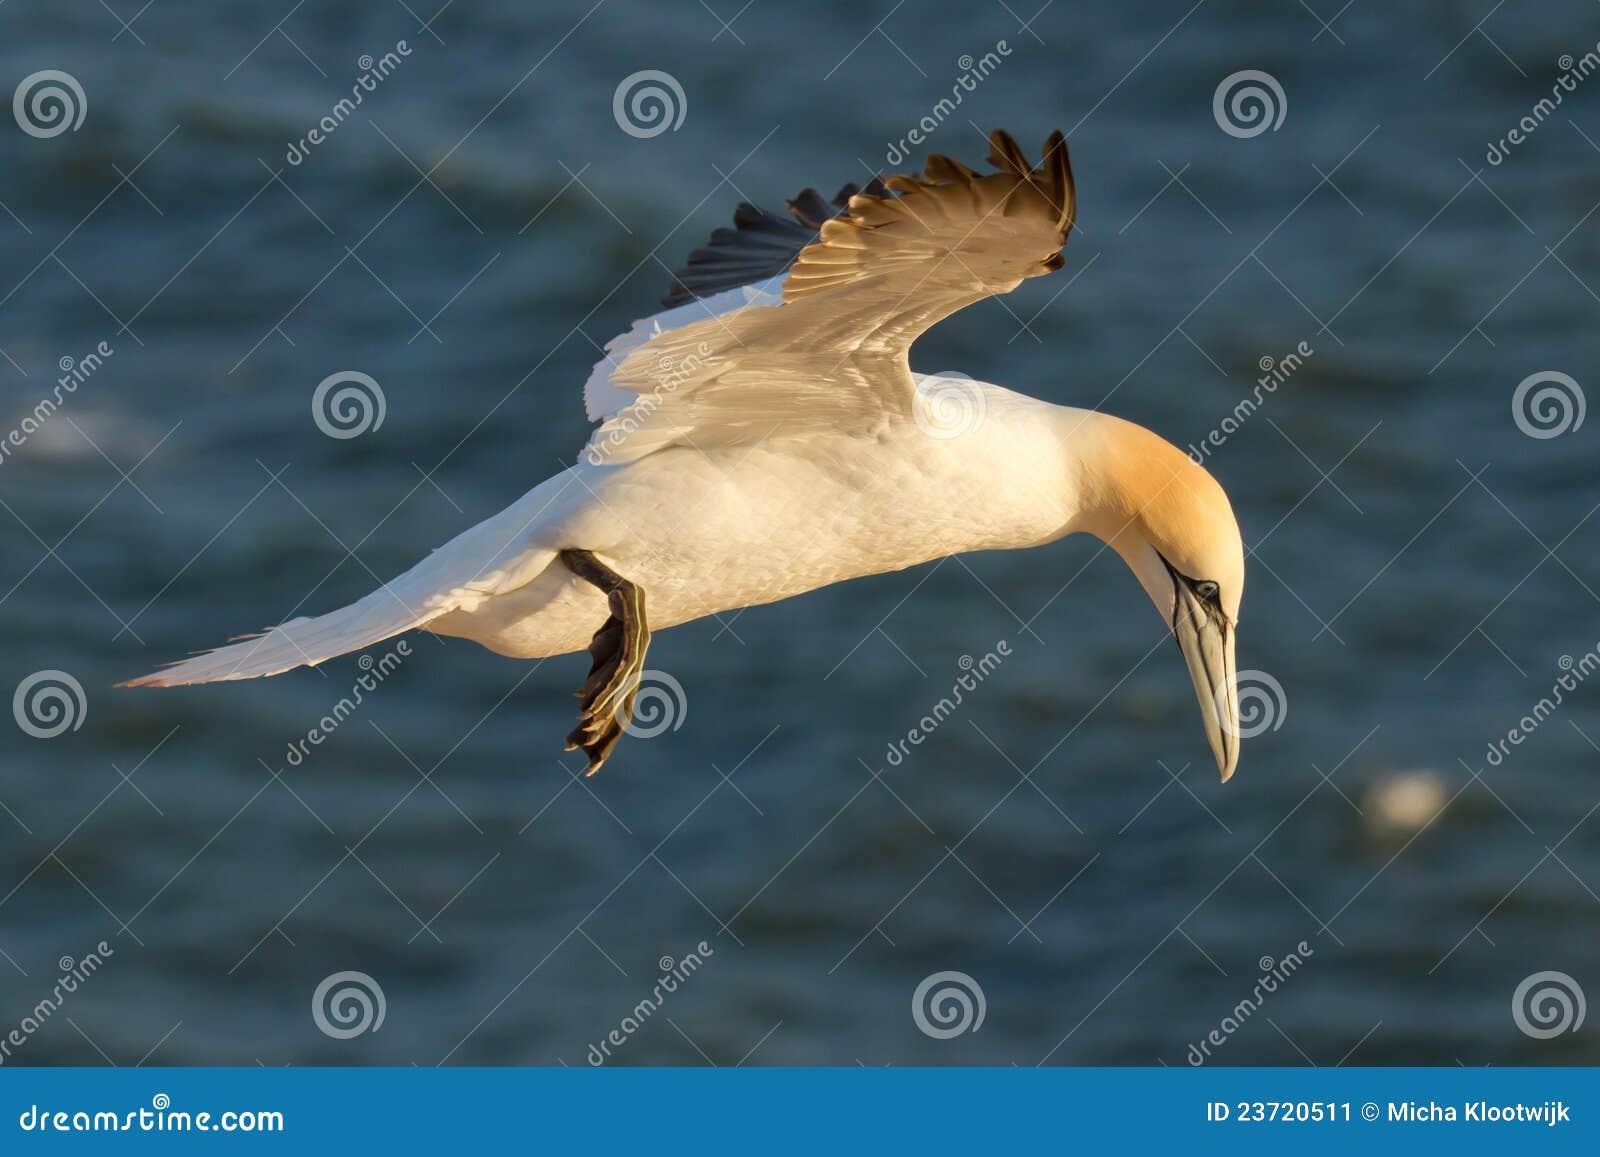 A gannet is flying